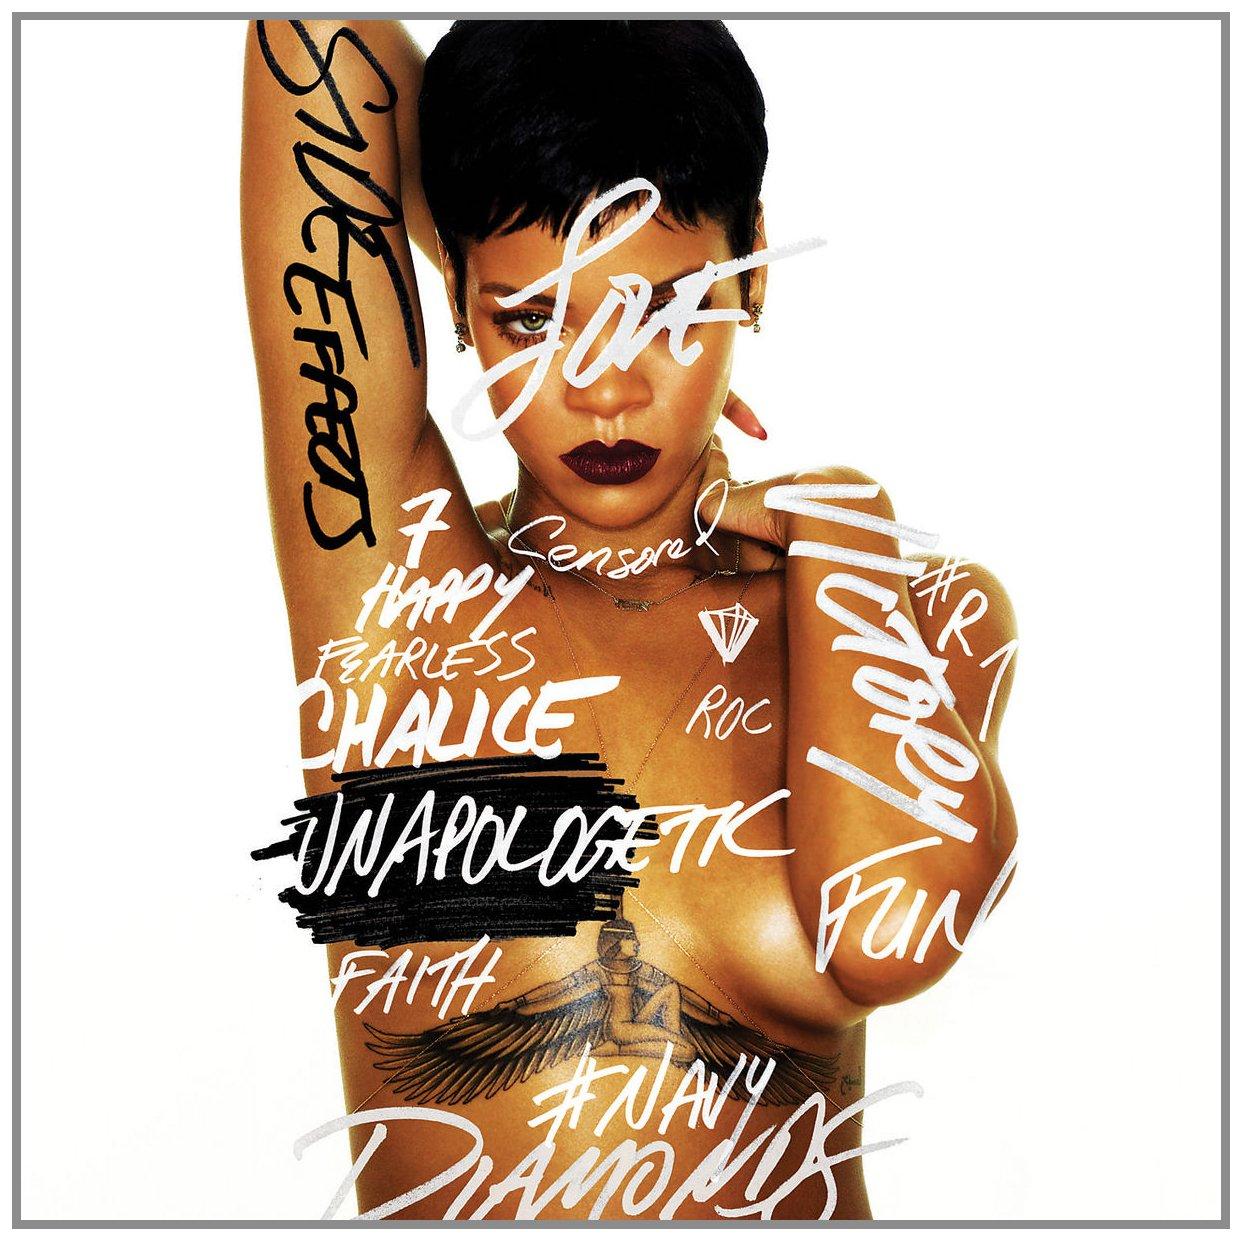 CD : Rihanna - Unapologetic [Explicit Content]